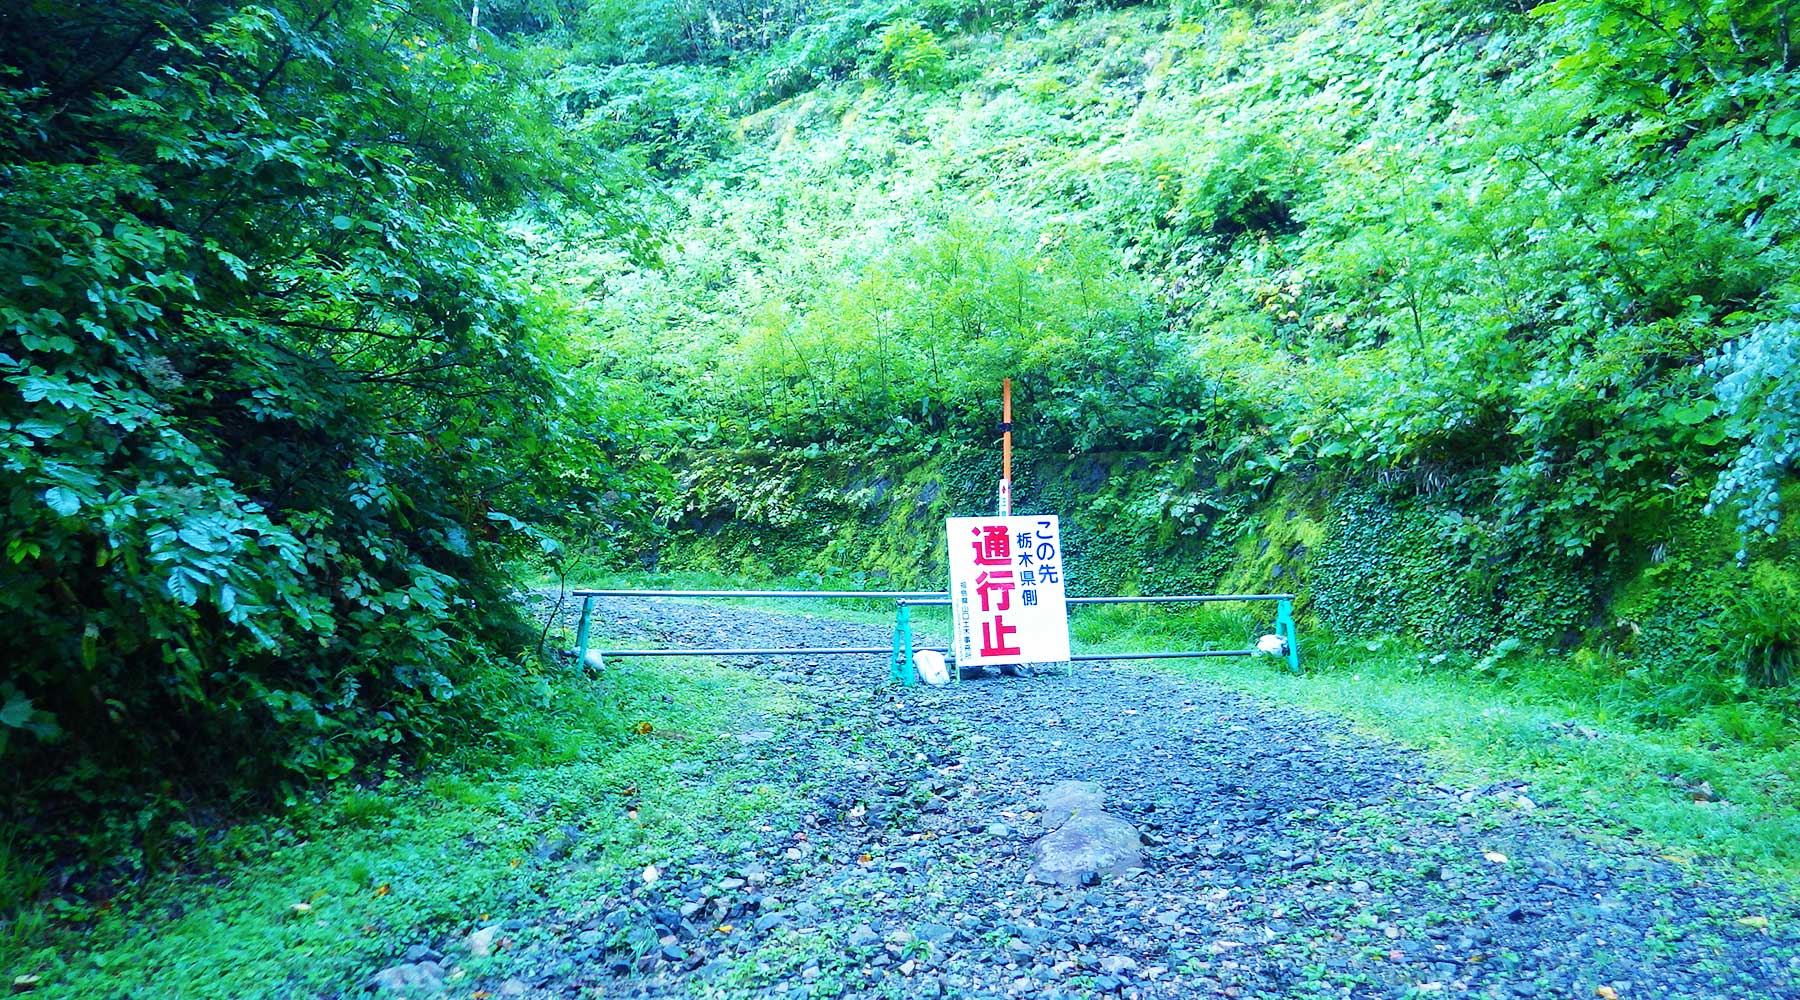 猿倉登山口から先の林道は通行止め(2020年現在)